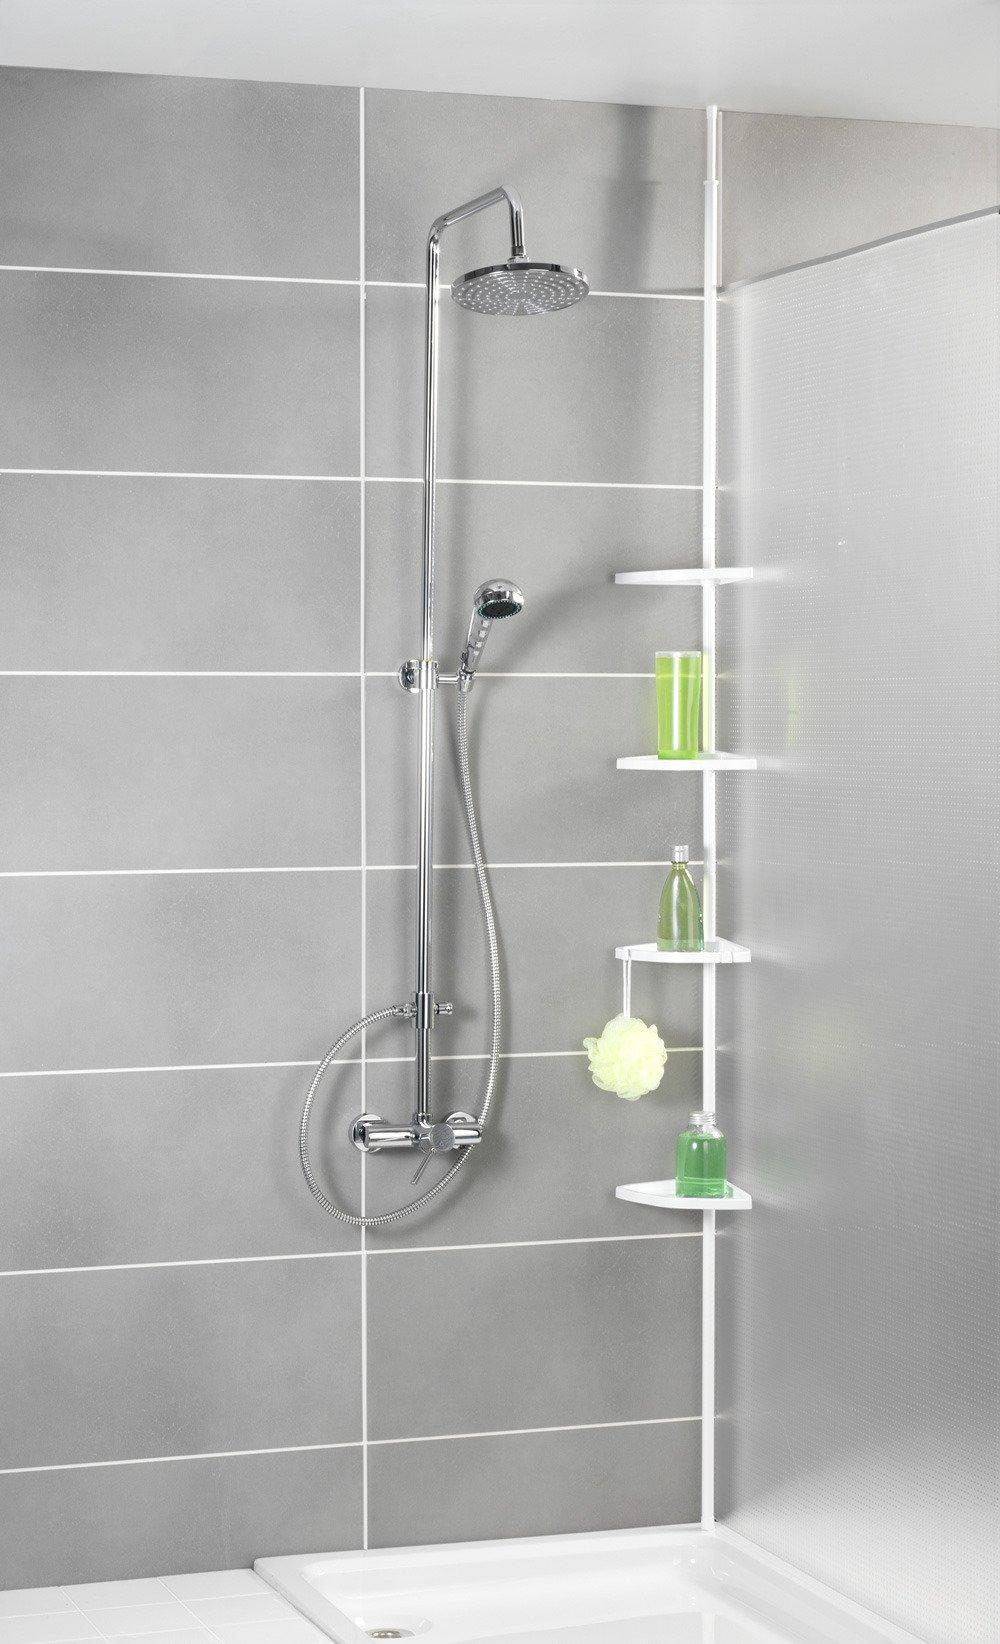 Narożna Półka łazienkowa Pod Prysznic Regał 4 Poziomowy Do łazienki